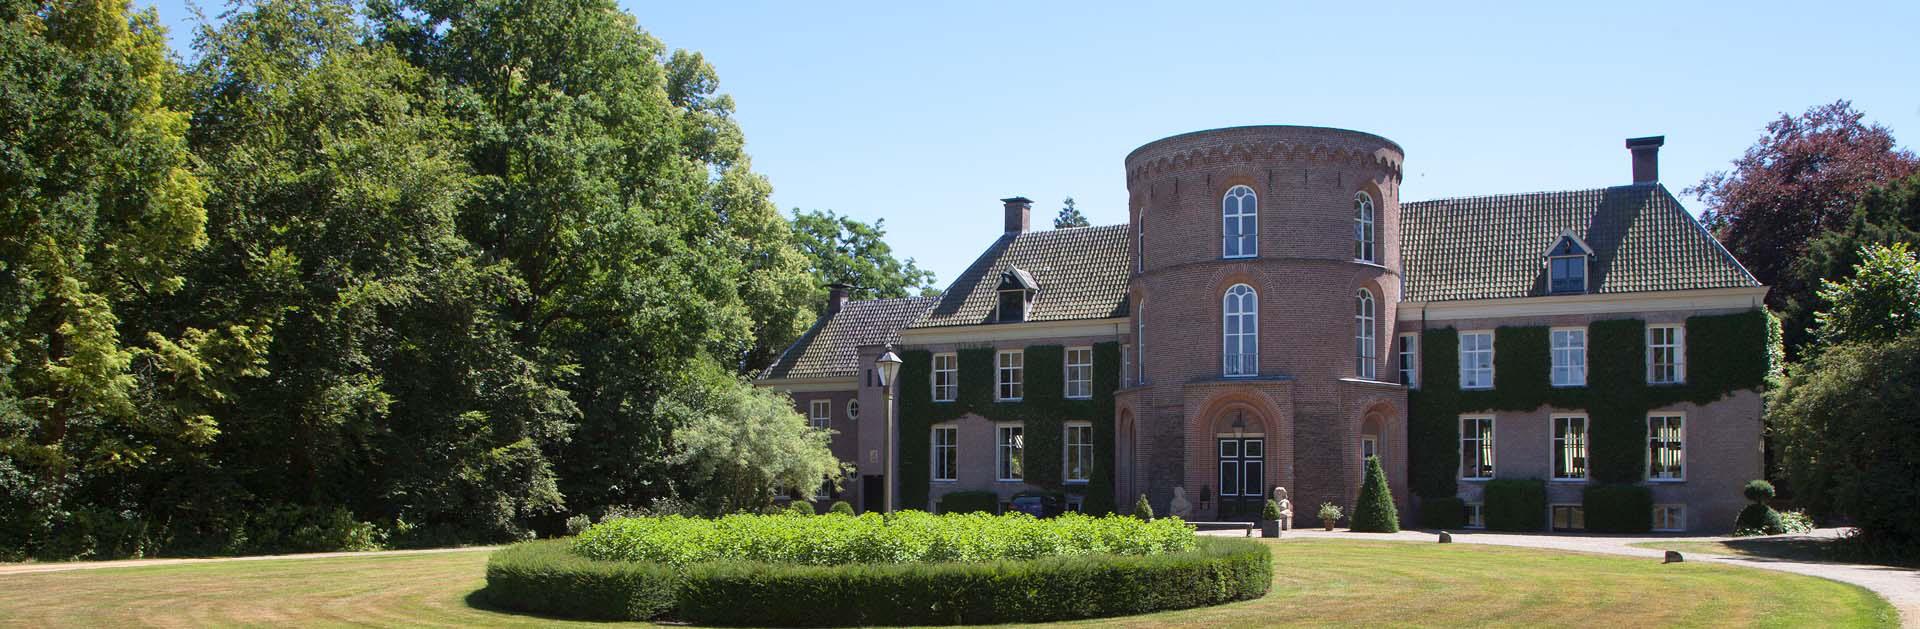 Kasteel de Wildenborch - Vorden Regio Achterhoek - Liemers